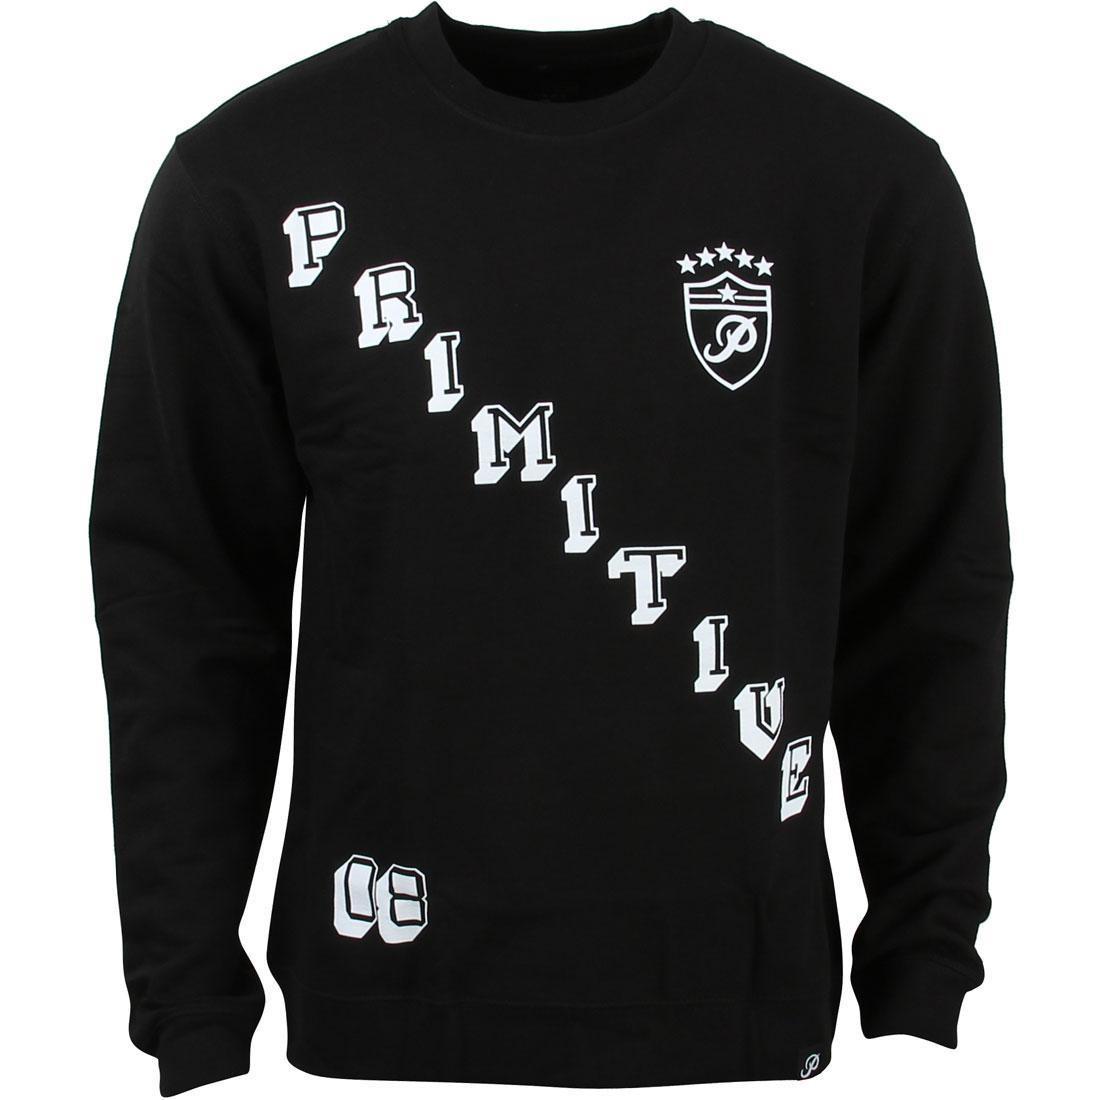 メンズファッション トップス Tシャツ カットソー メンズ 【 Primitive Men Great One Crewneck Sweater (black) 】 Black